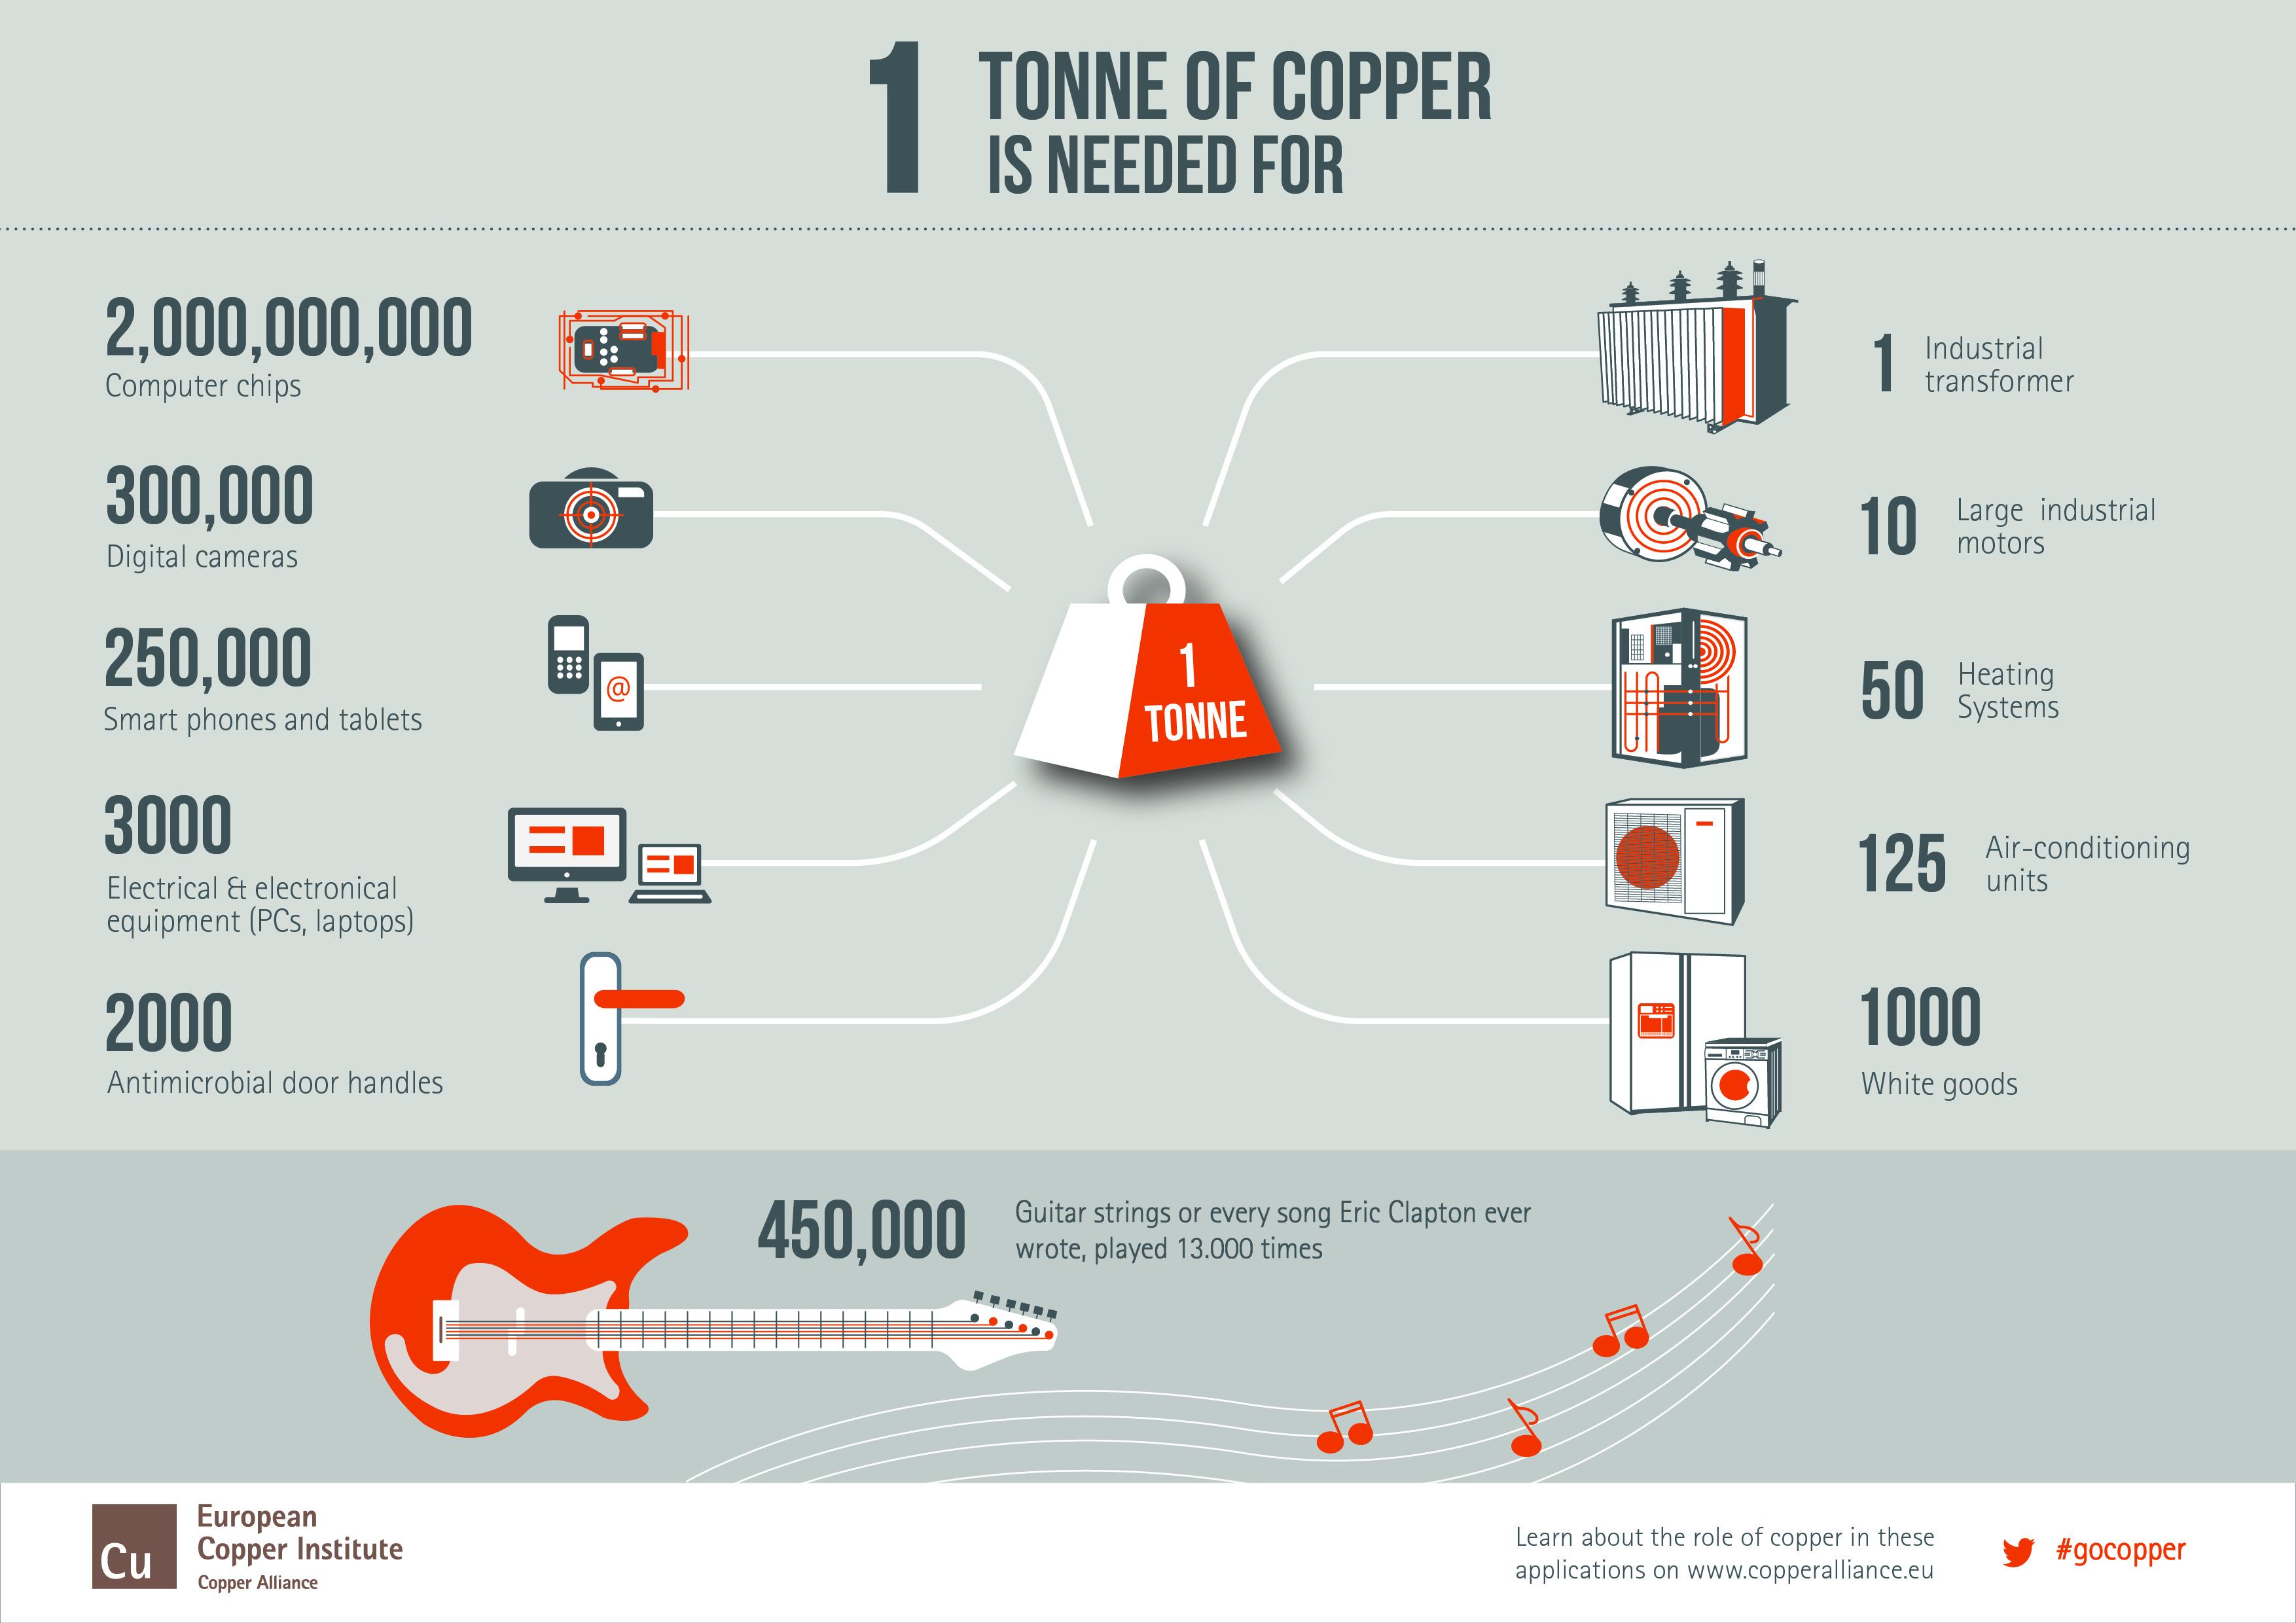 La importancia del cobre en nuestra vida